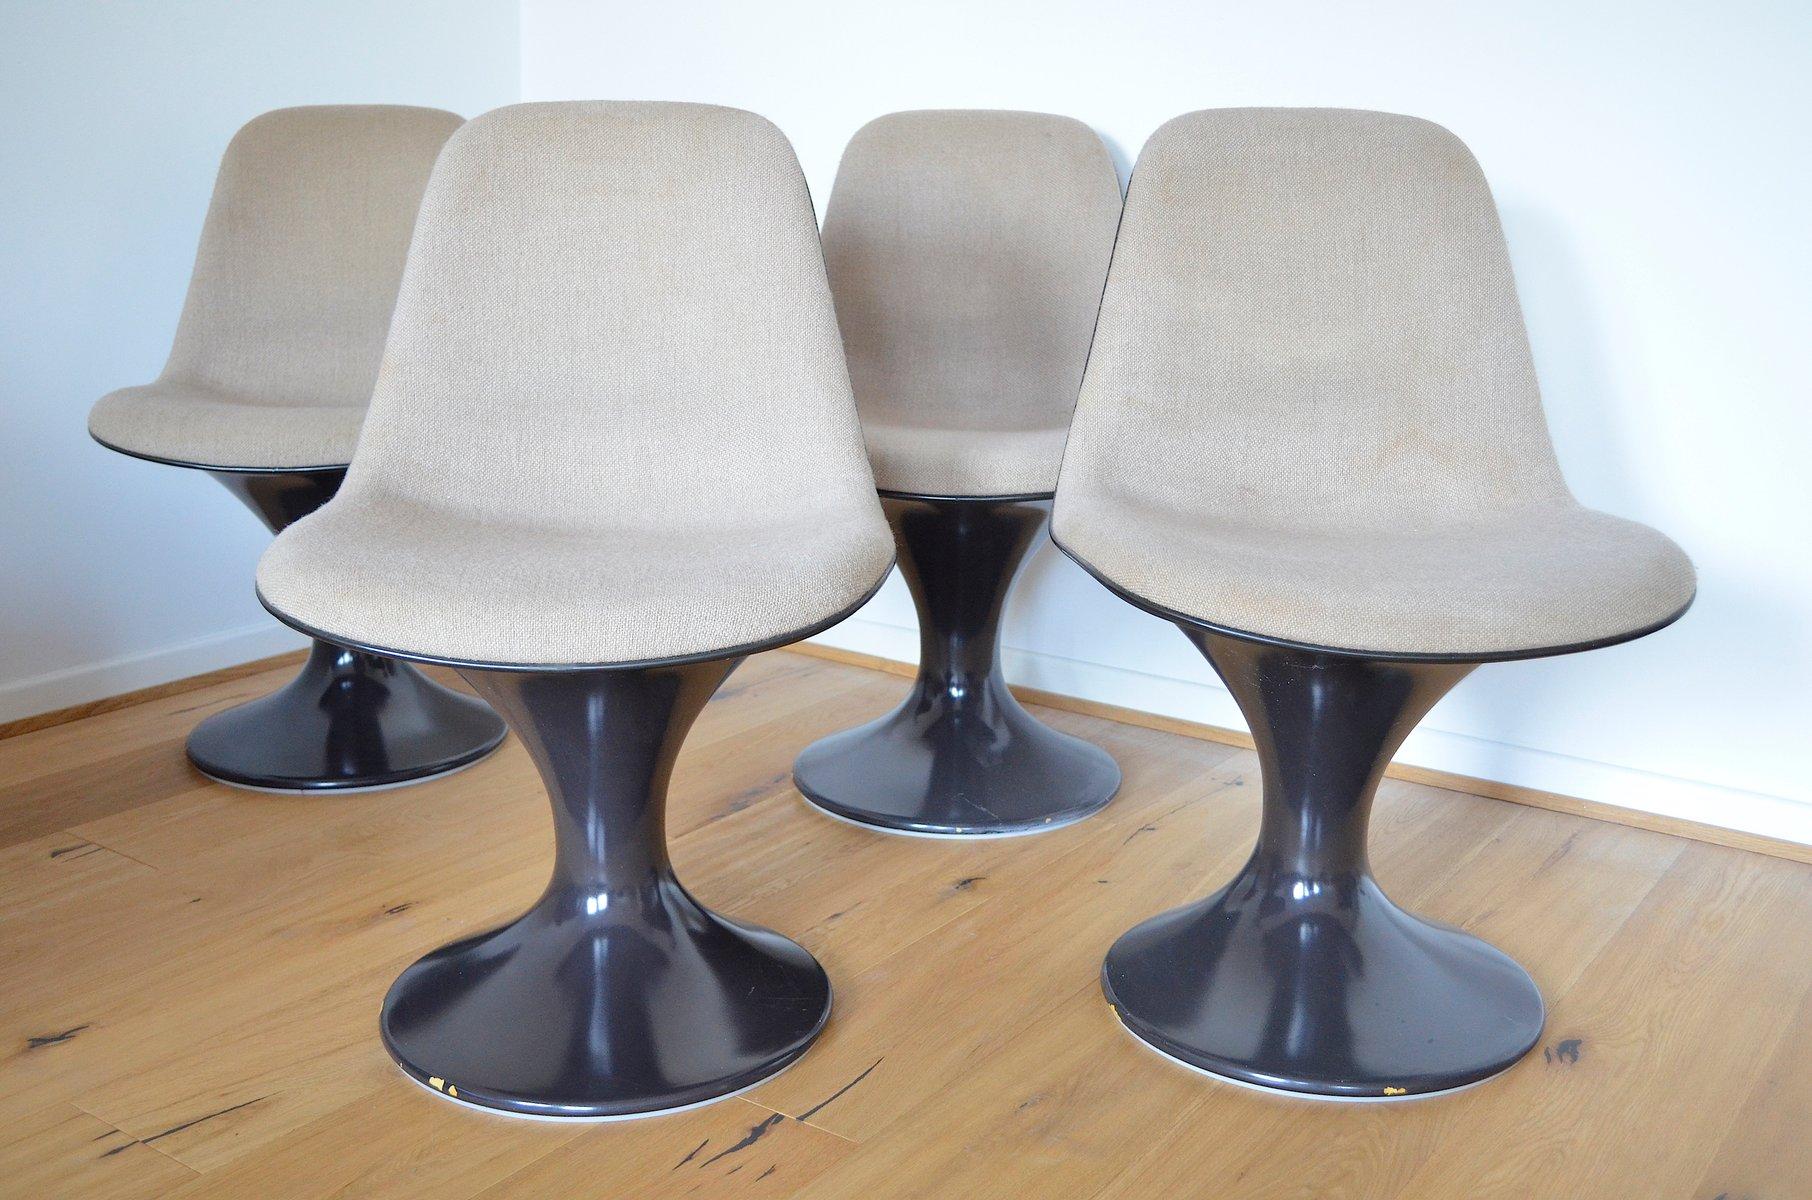 Nice Orbit Chair #3   Orbit Chairs By Farner U0026 Grunder For Herman  Miller,